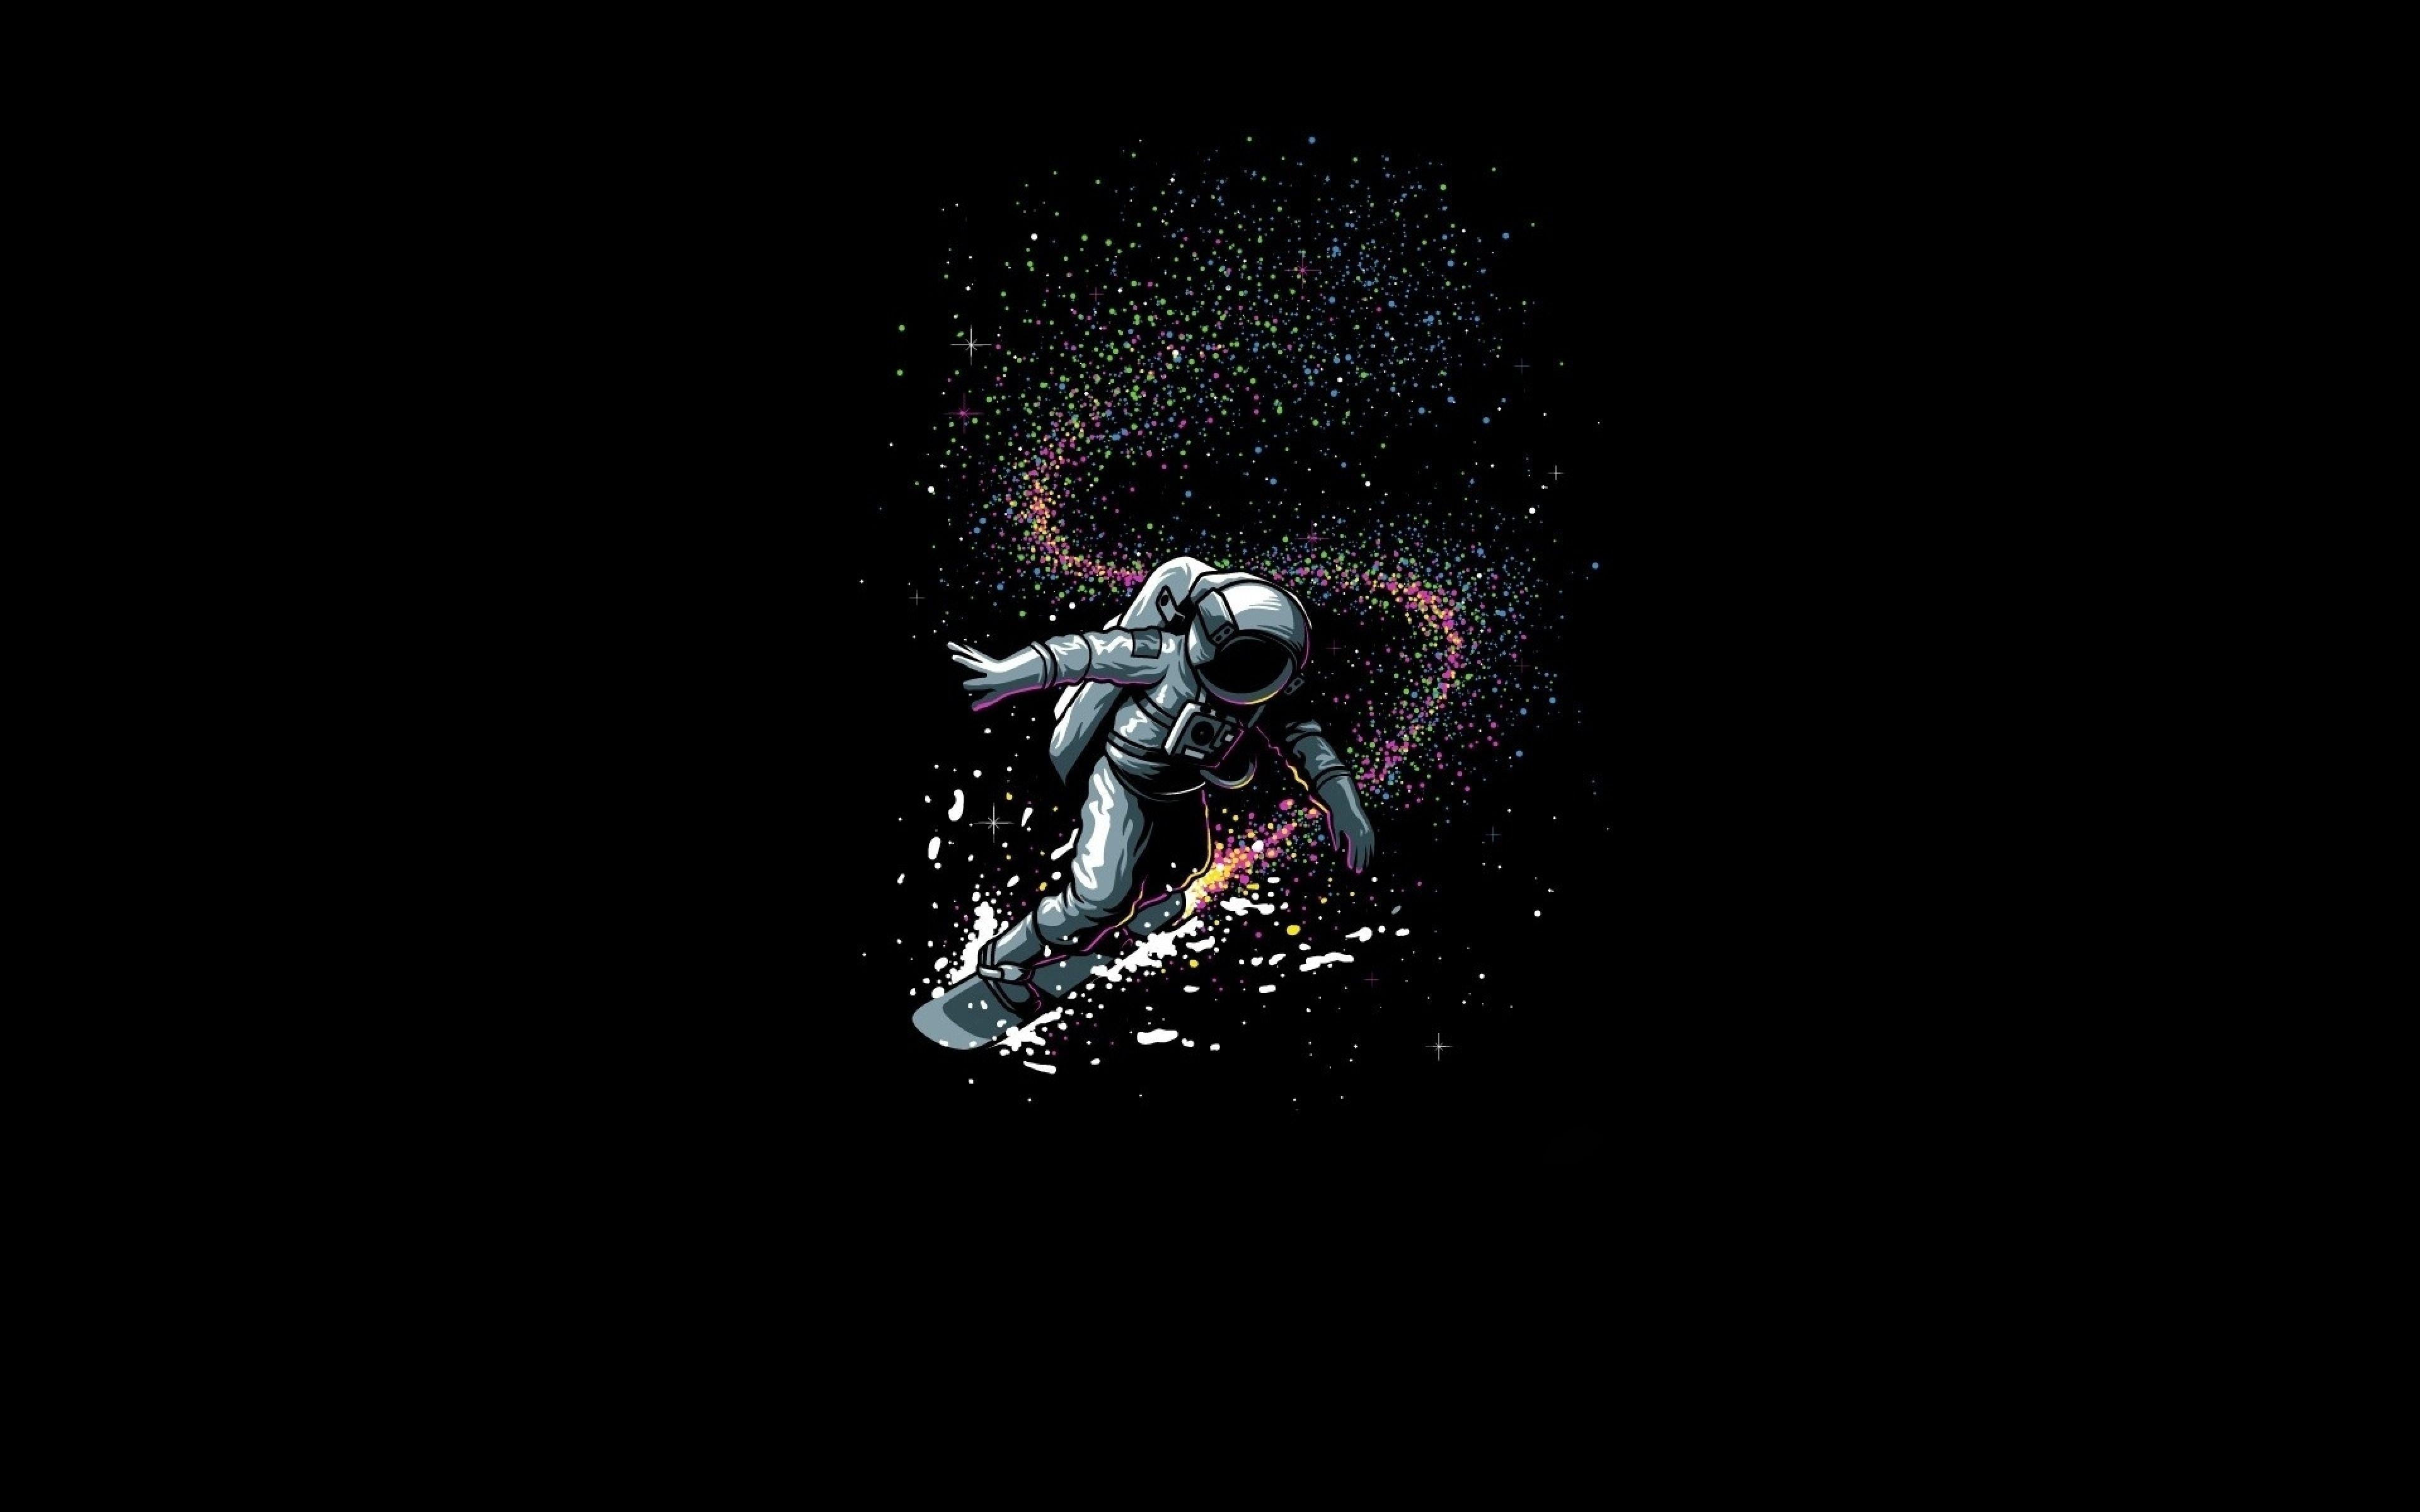 surfing astronaut astronaut wallpaper laptop wallpaper